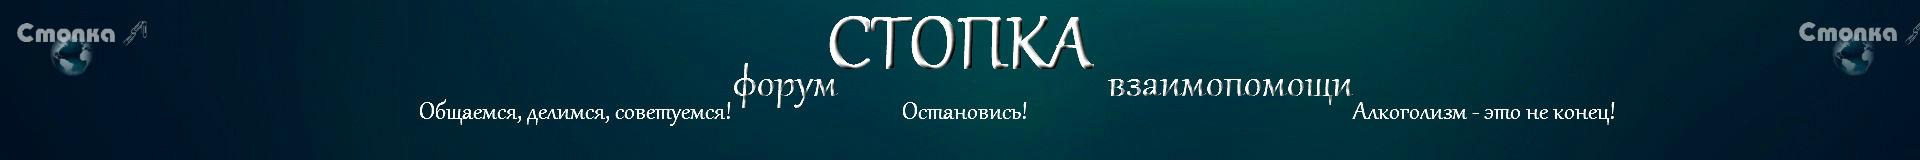 алкоголь Стоп-Калуга